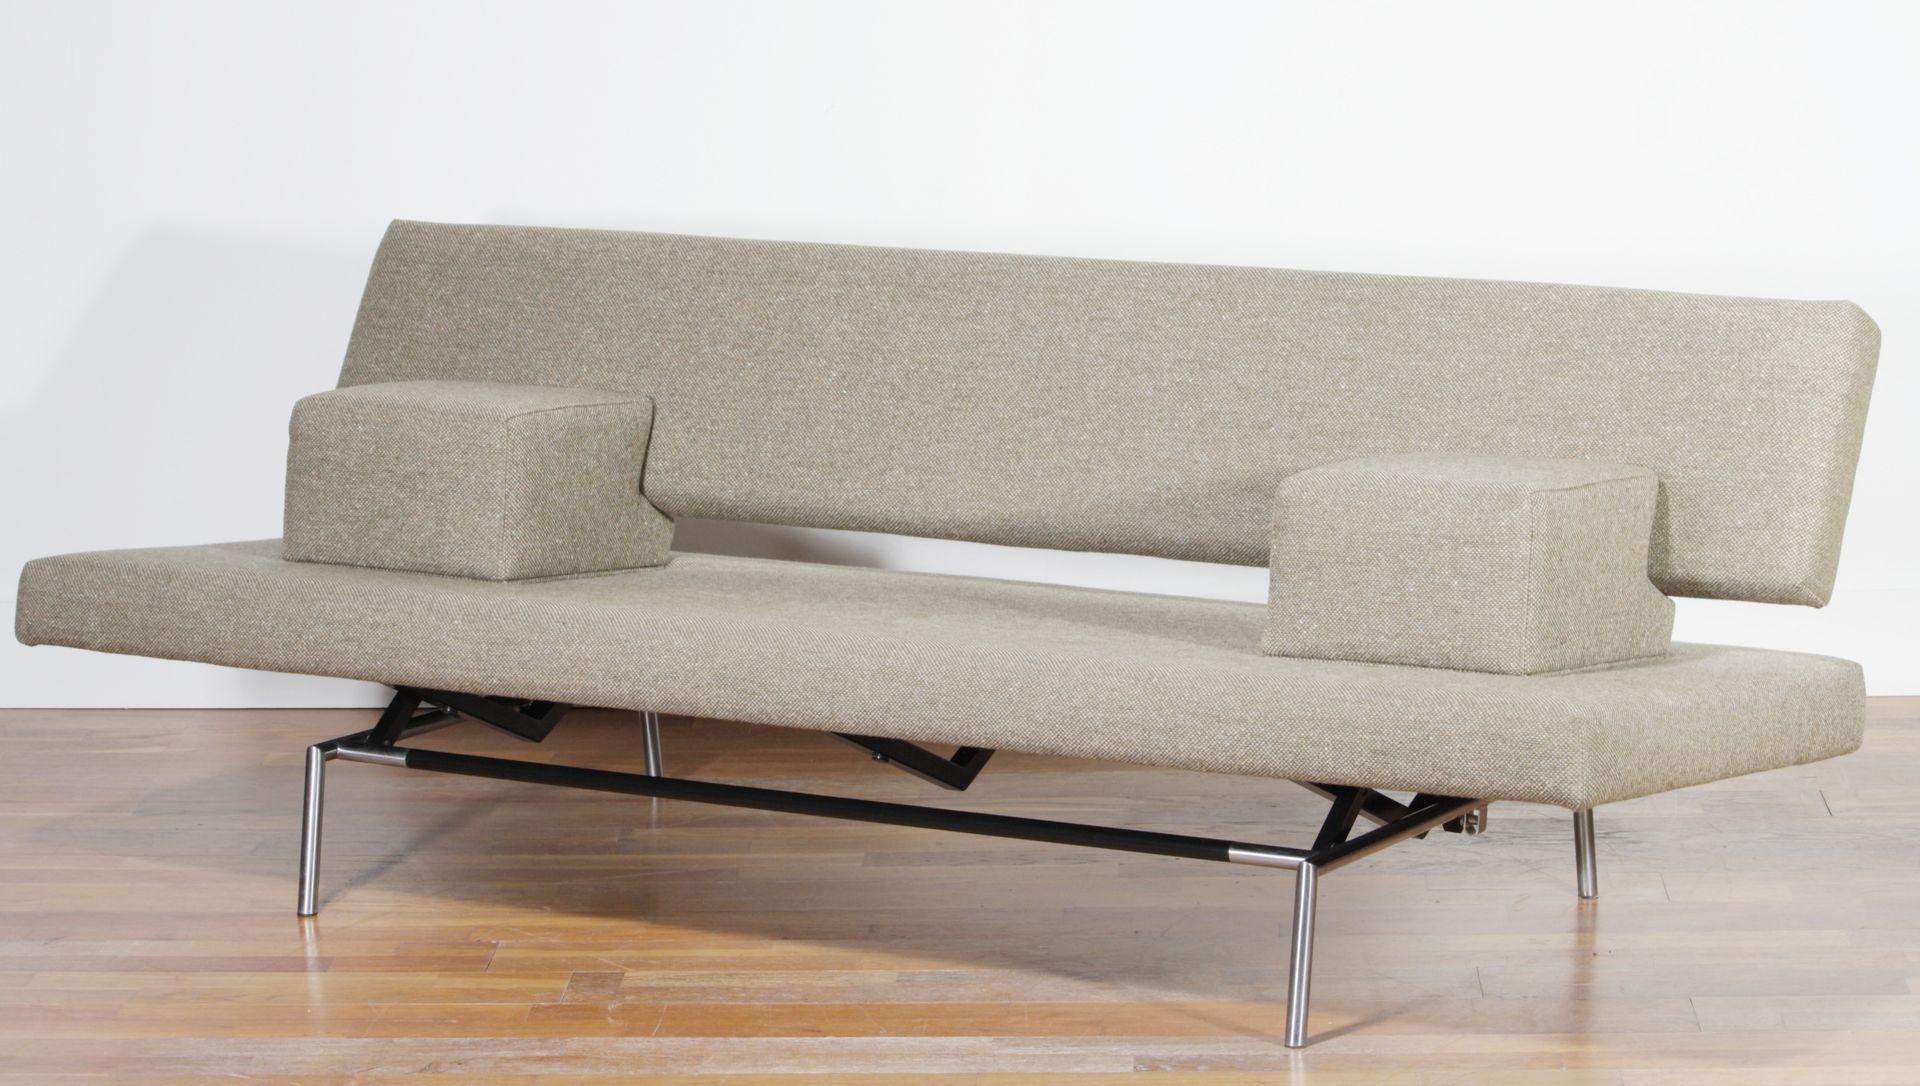 Sleeper sofa in beige von martin visser für spectrum, 1950er bei ...